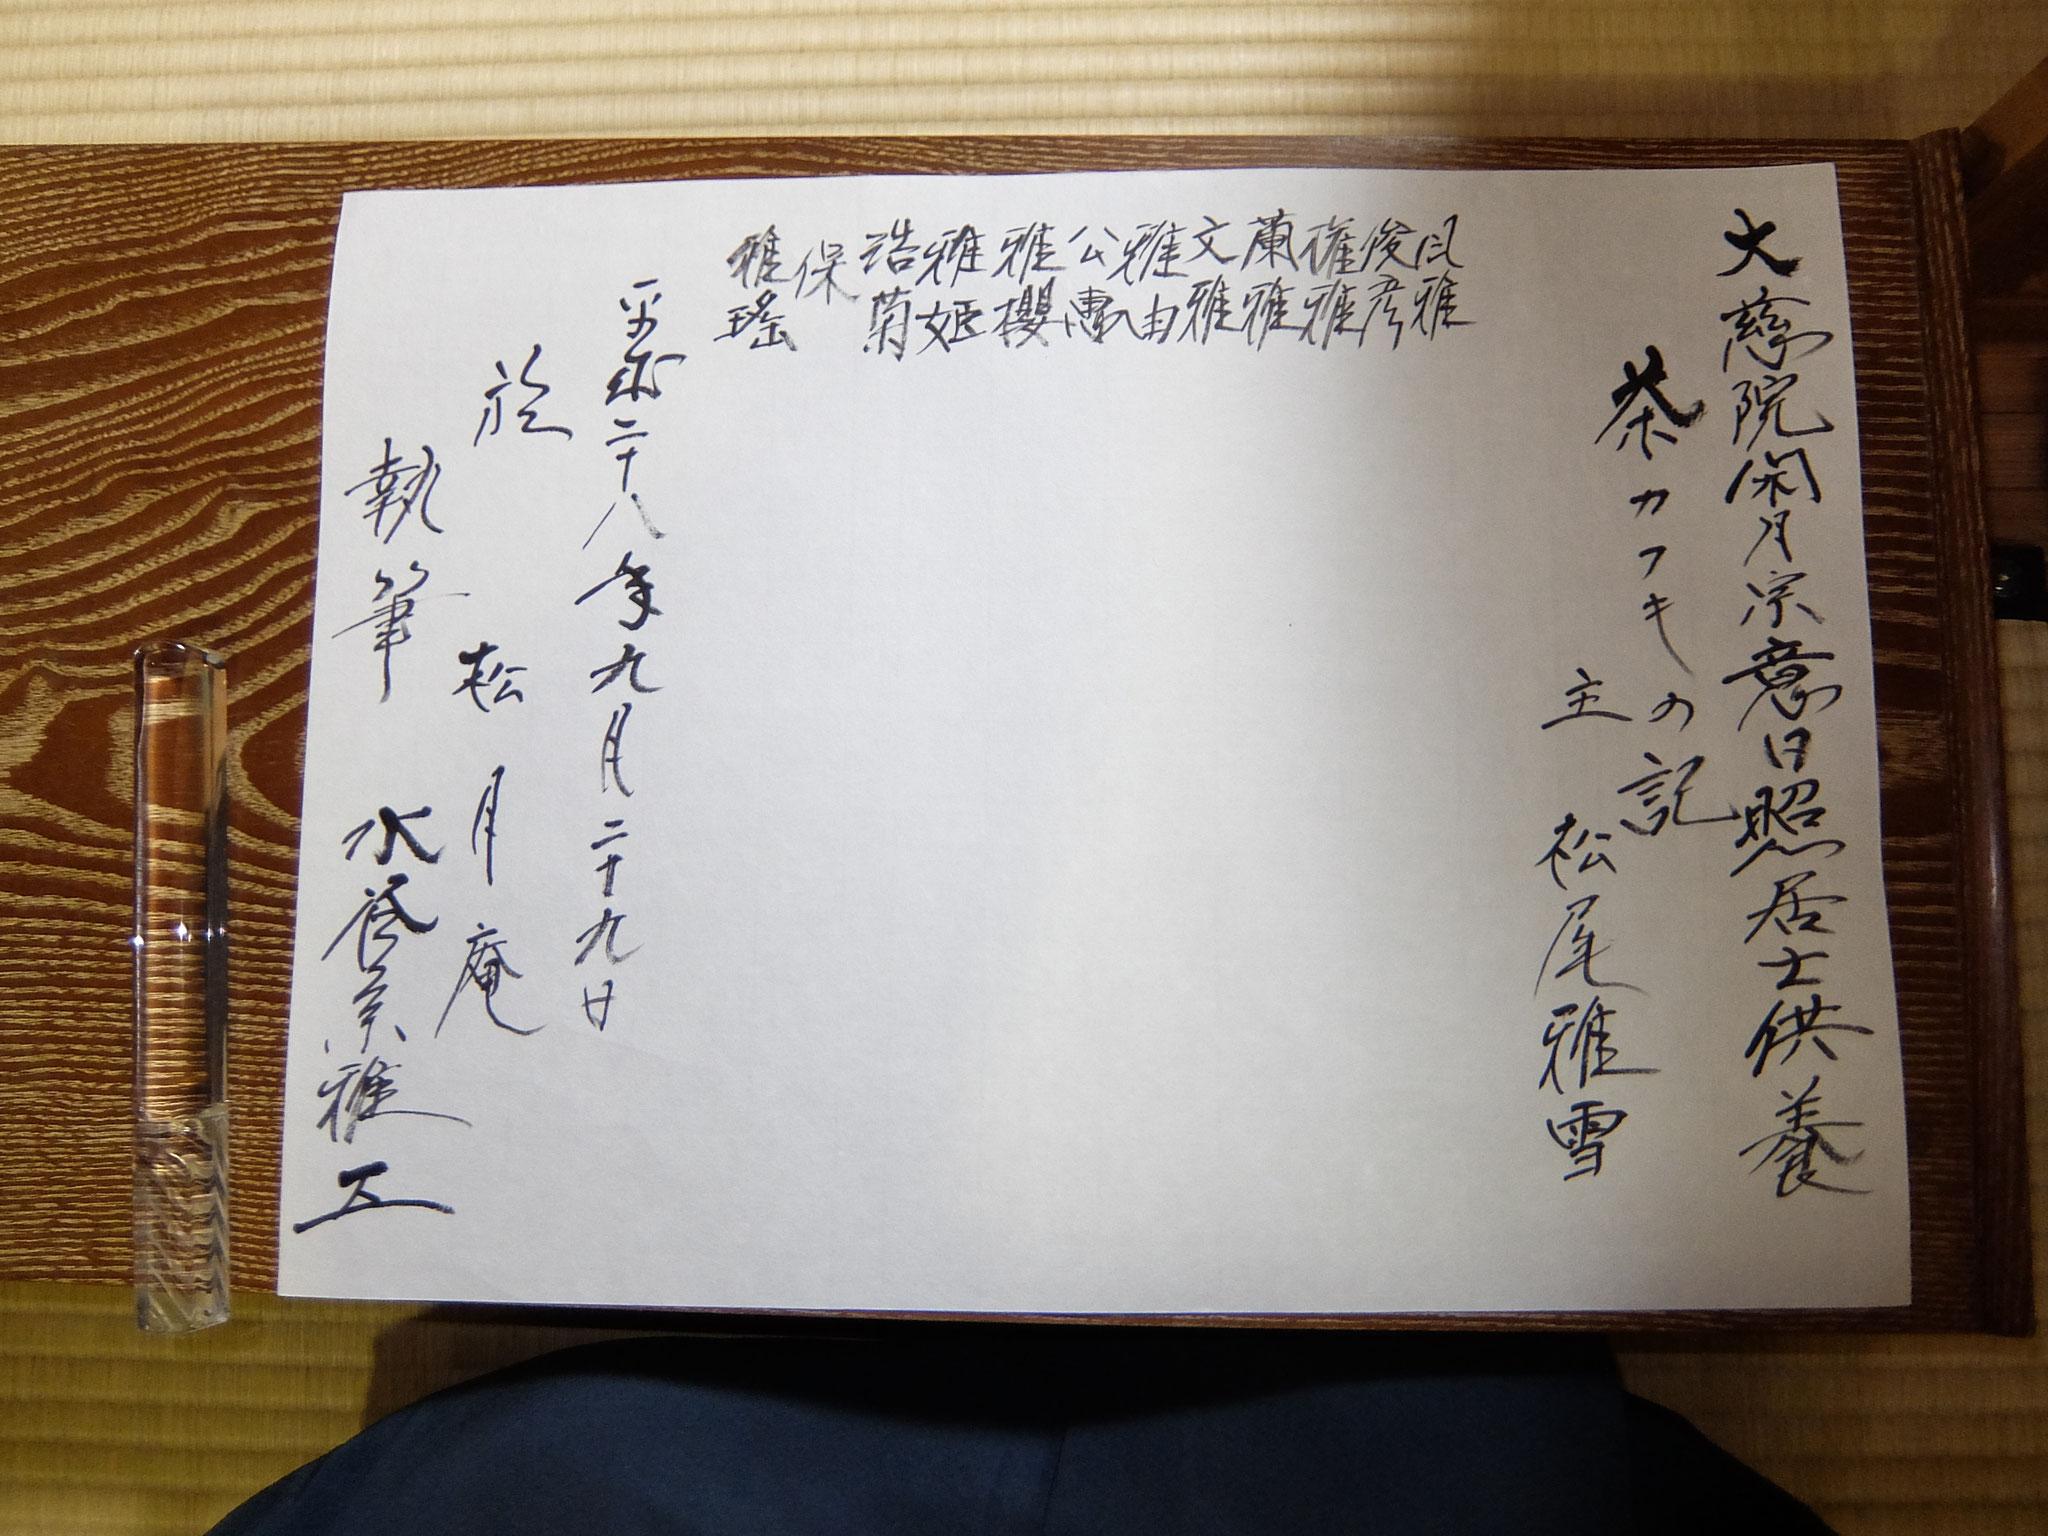 供養 茶歌カフキの記録紙